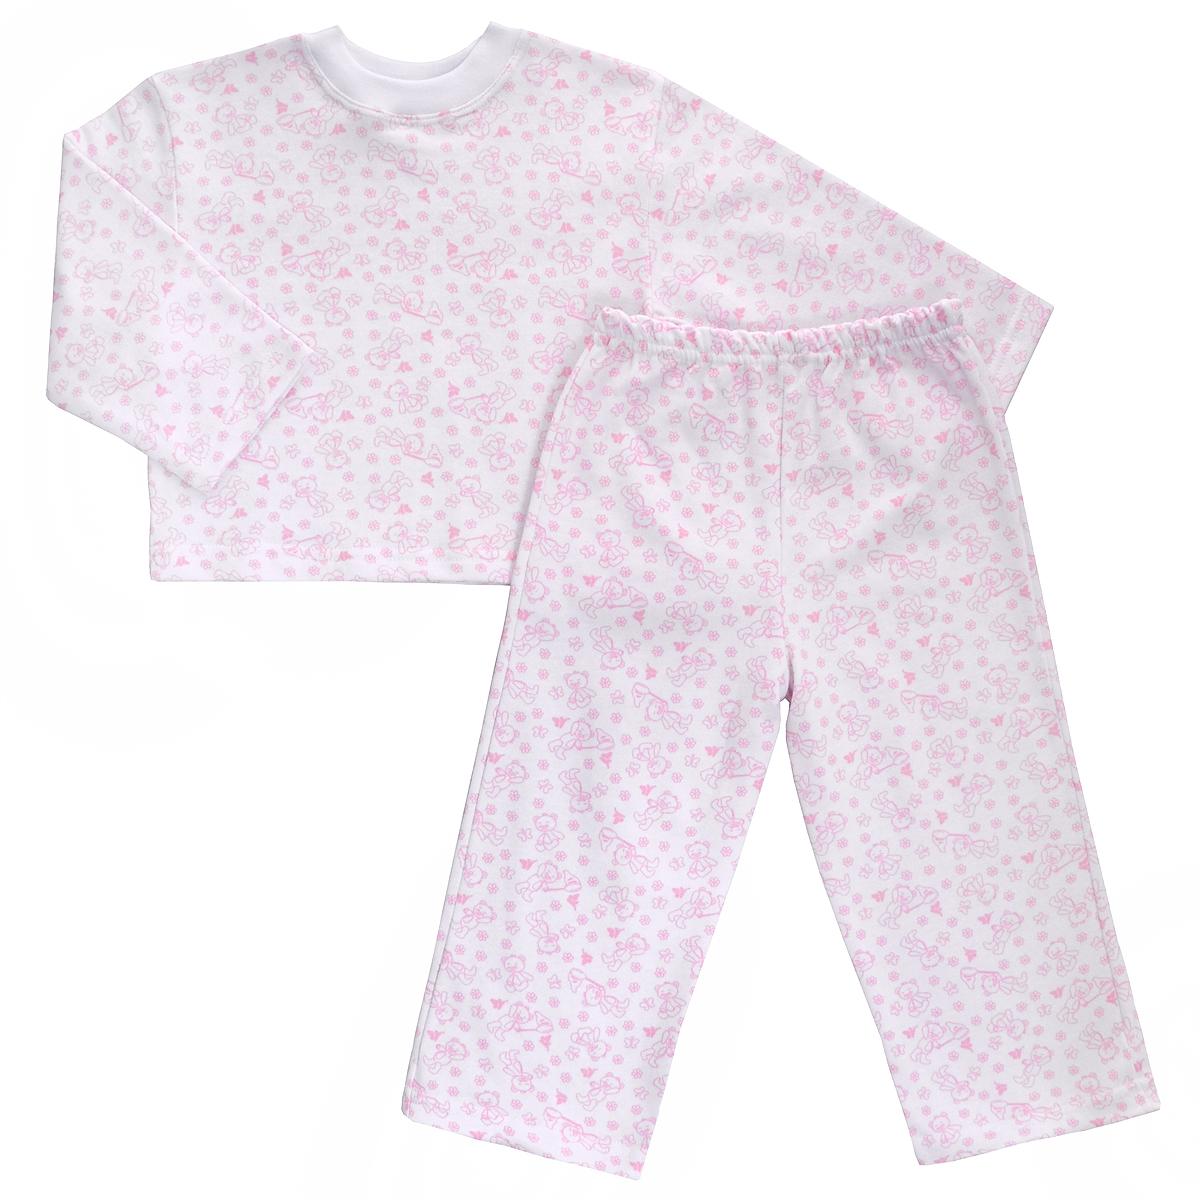 Пижама детская Трон-плюс, цвет: белый, розовый, рисунок мишки. 5553. Размер 98/104, 3-5 лет5553Яркая детская пижама Трон-плюс, состоящая из кофточки и штанишек, идеально подойдет вашему малышу и станет отличным дополнением к детскому гардеробу. Теплая пижама, изготовленная из набивного футера - натурального хлопка, необычайно мягкая и легкая, не сковывает движения ребенка, позволяет коже дышать и не раздражает даже самую нежную и чувствительную кожу малыша. Кофта с длинными рукавами имеет круглый вырез горловины. Штанишки на удобной резинке не сдавливают животик ребенка и не сползают.В такой пижаме ваш ребенок будет чувствовать себя комфортно и уютно во время сна.